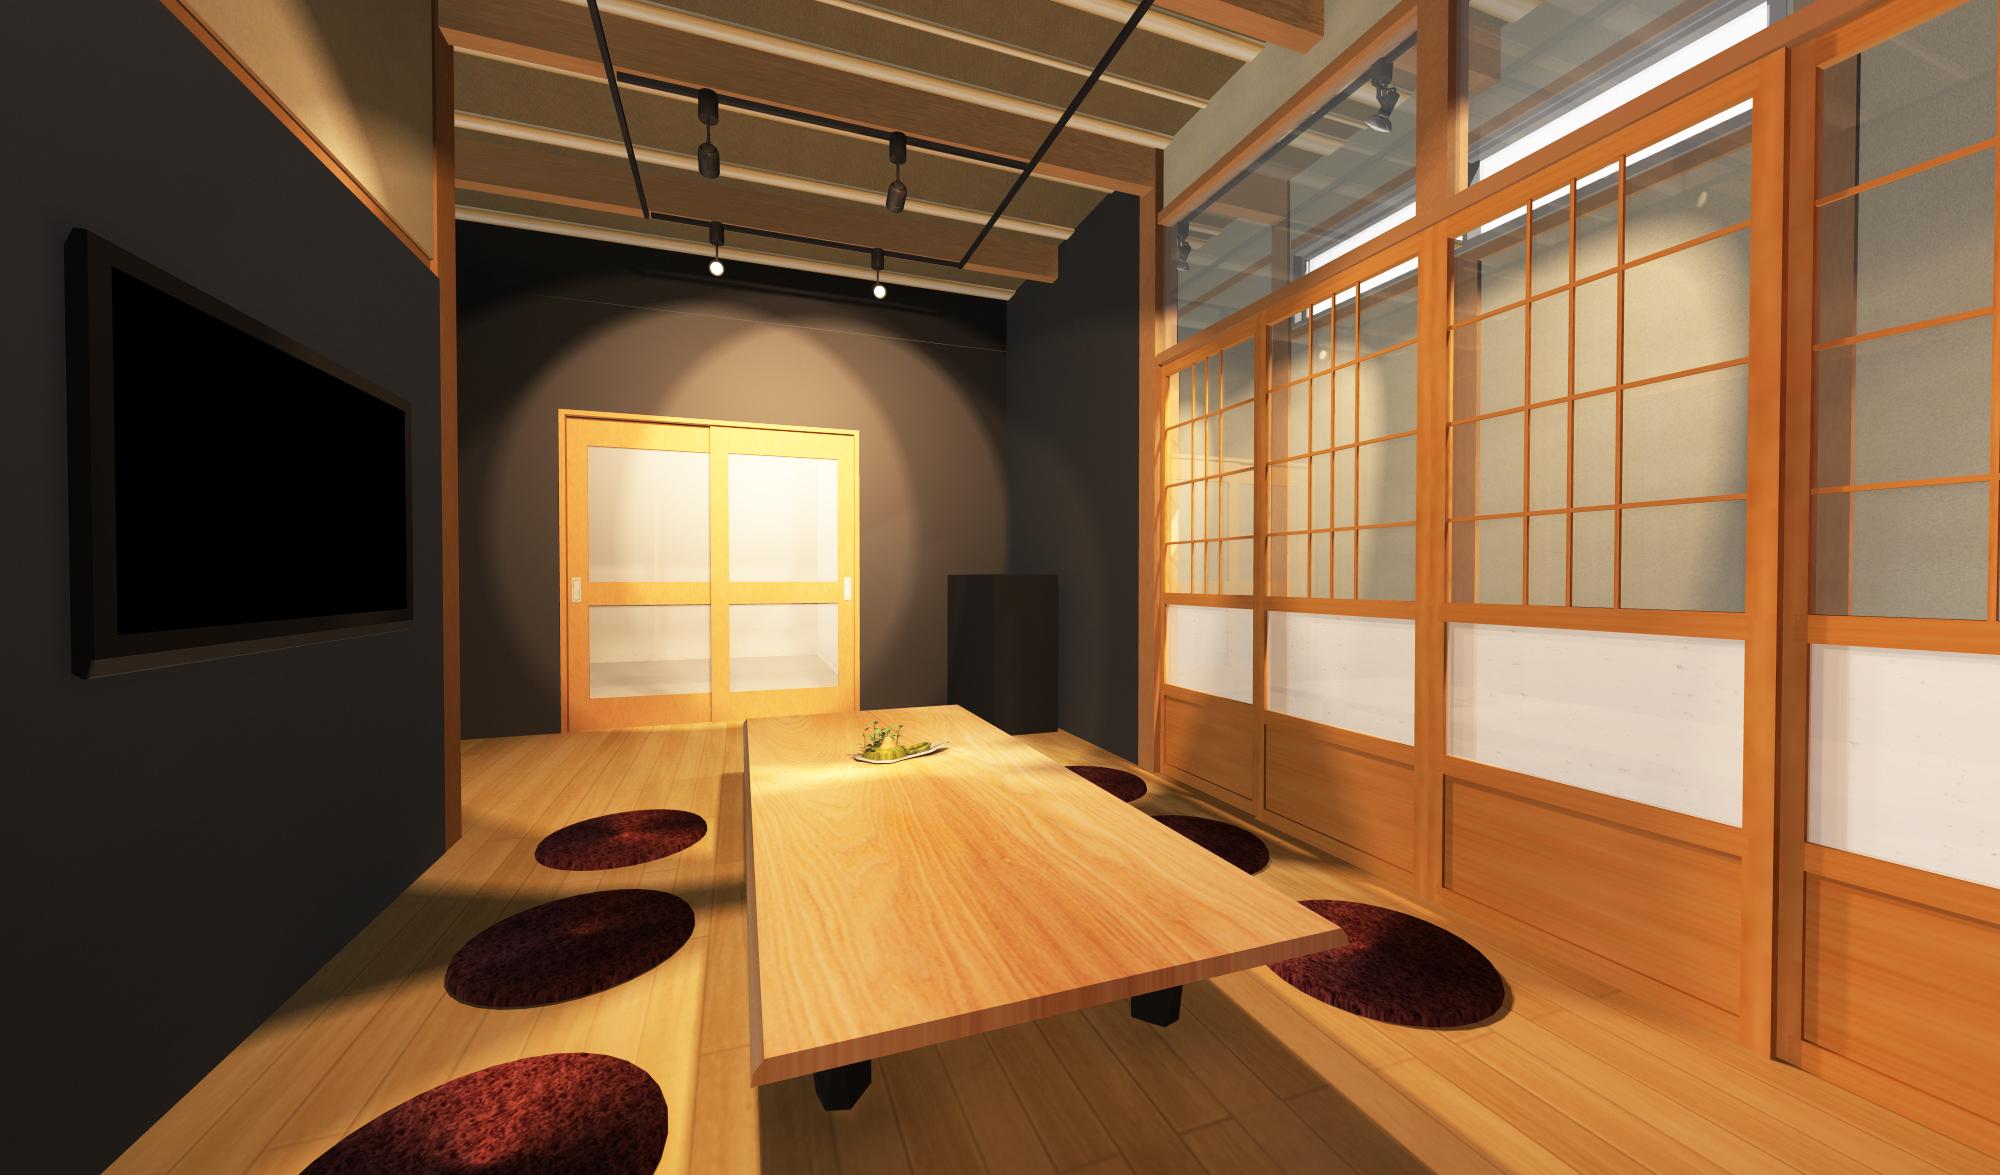 元質屋を利用した古民家シェアハウス『SHARE HOUSE180°岐阜』が岐阜県岐阜市に4月1日オー... 画像